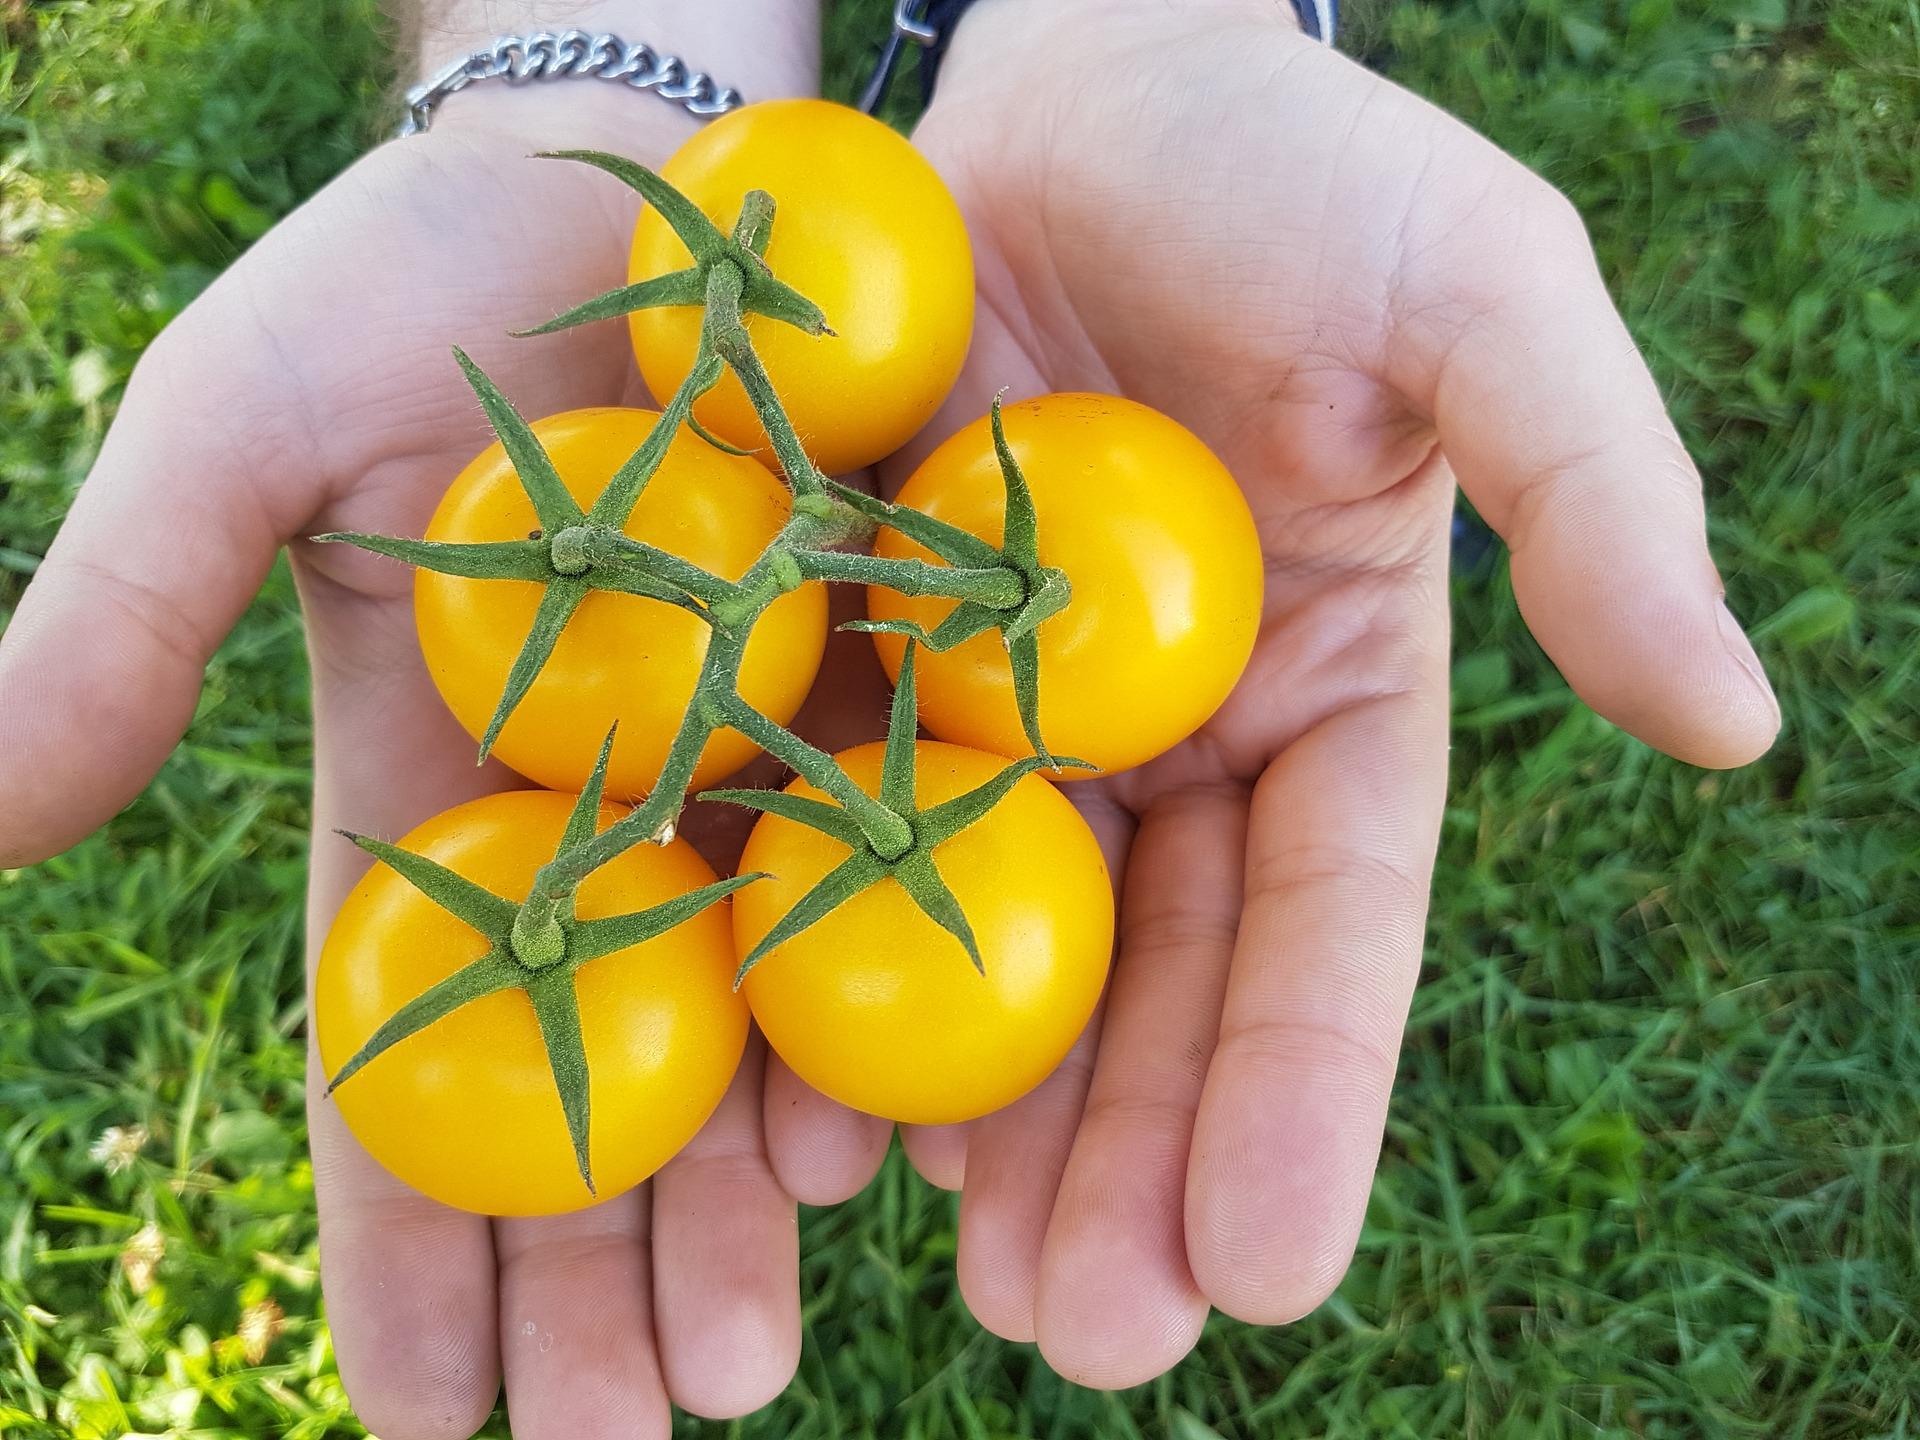 tomato-2952799_1920